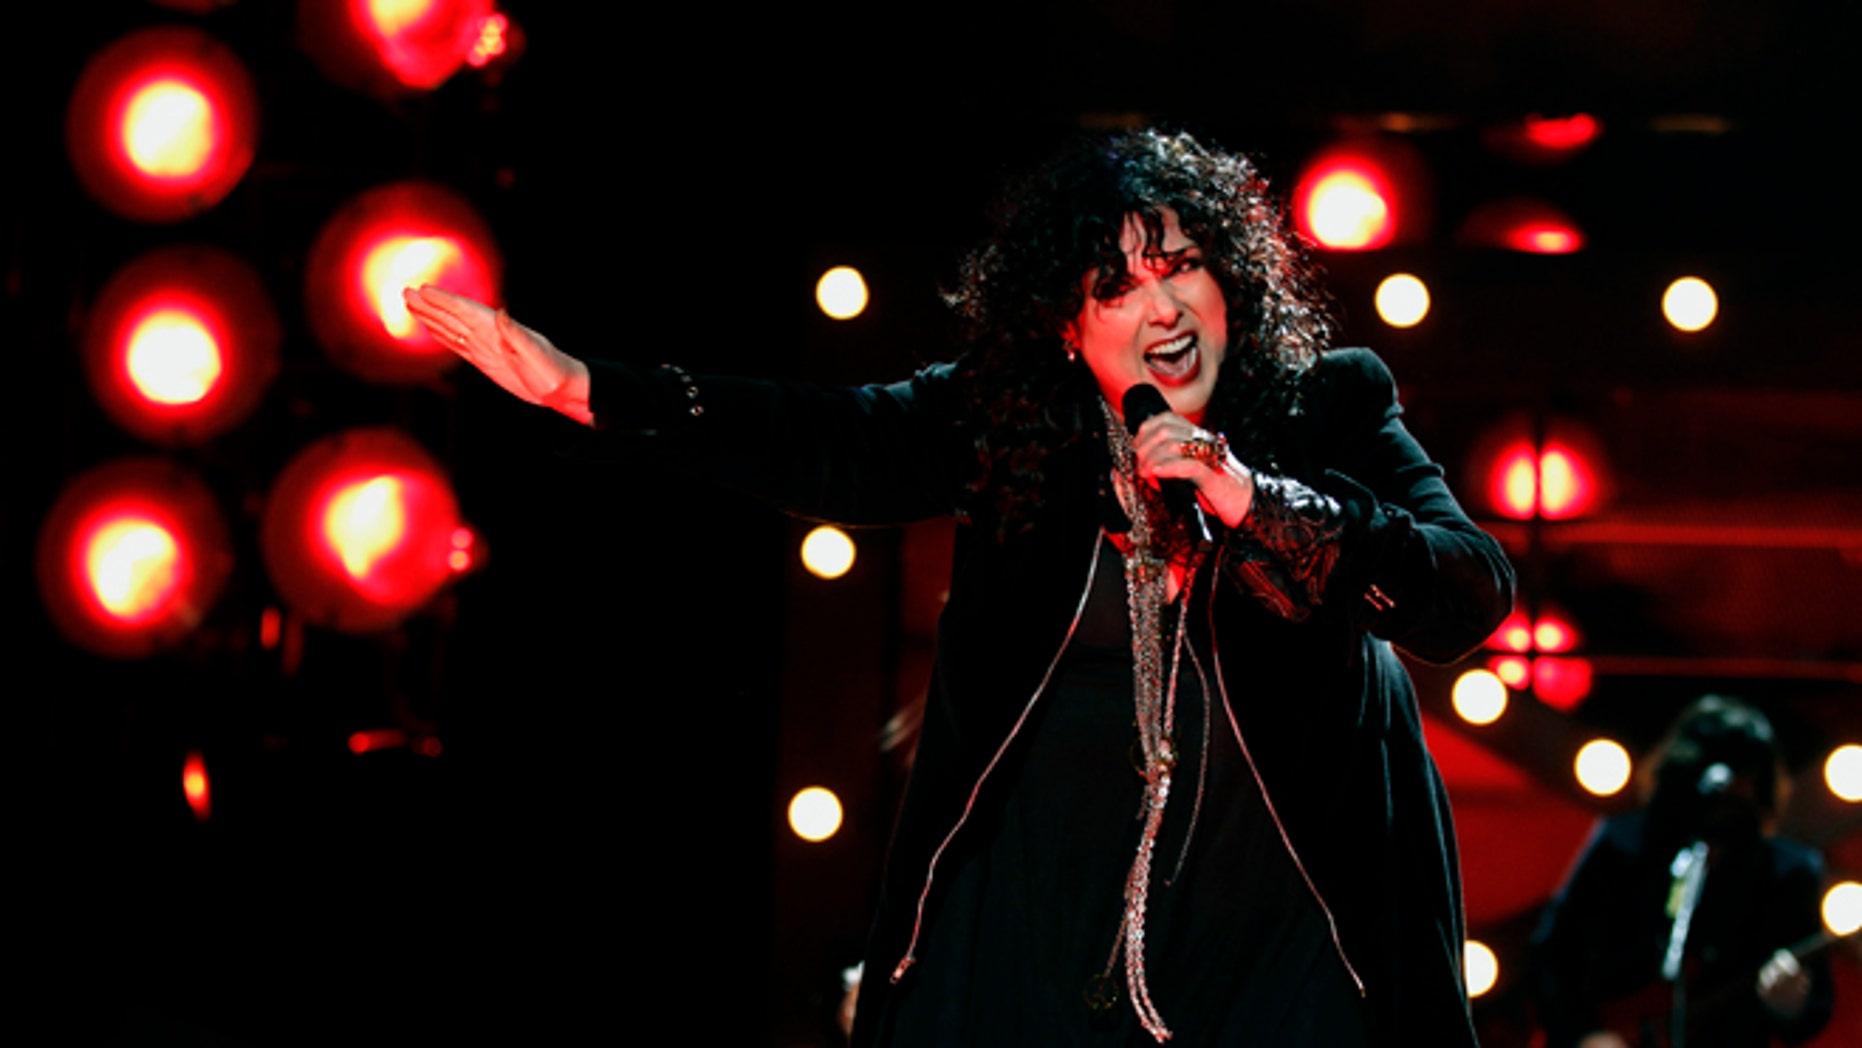 The husband of singer Ann Wilson has been sentenced for an alleged assault.